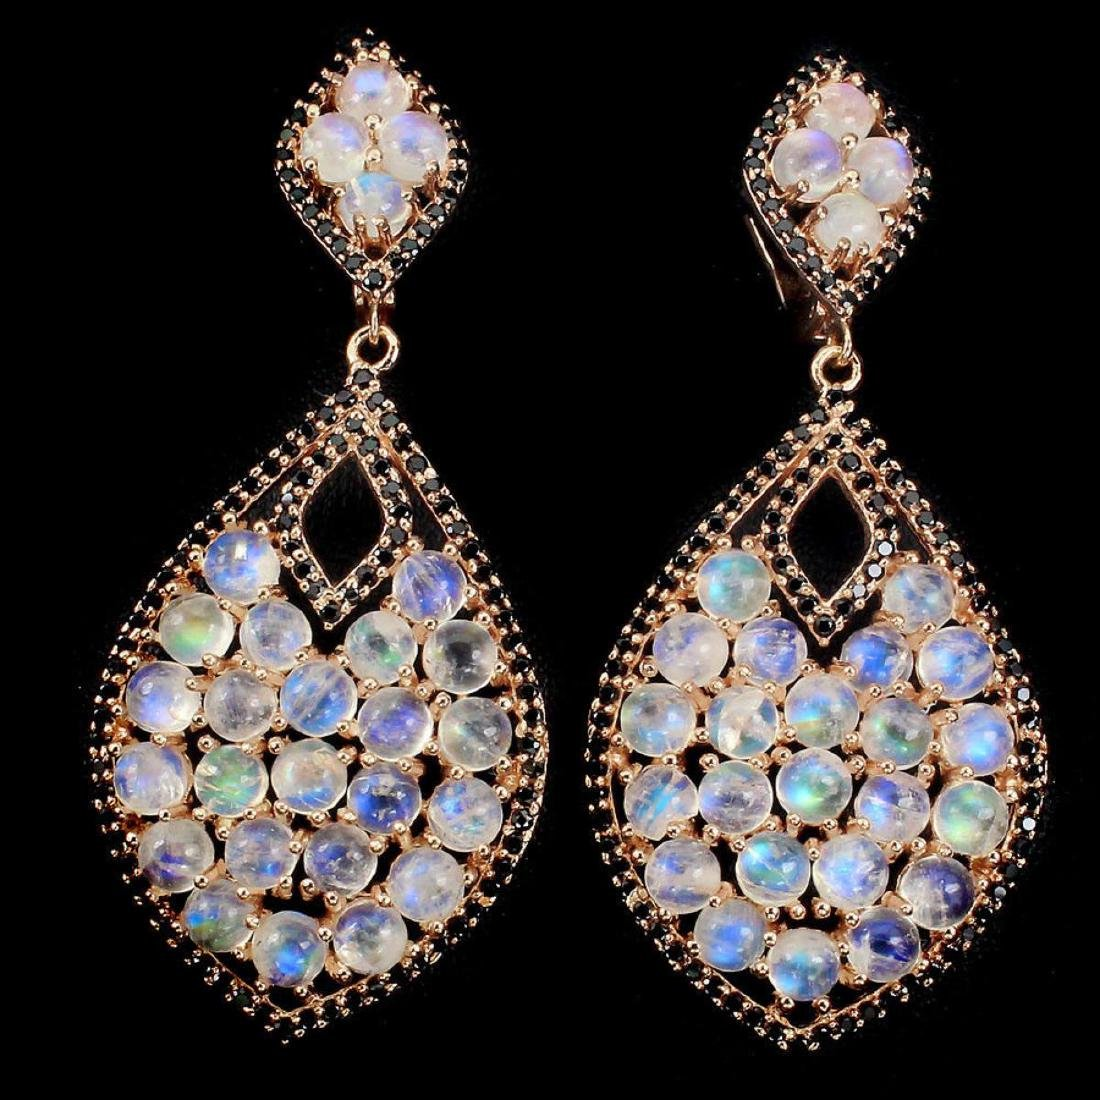 Natural Blue Moonstone & Black Spinel Earrings